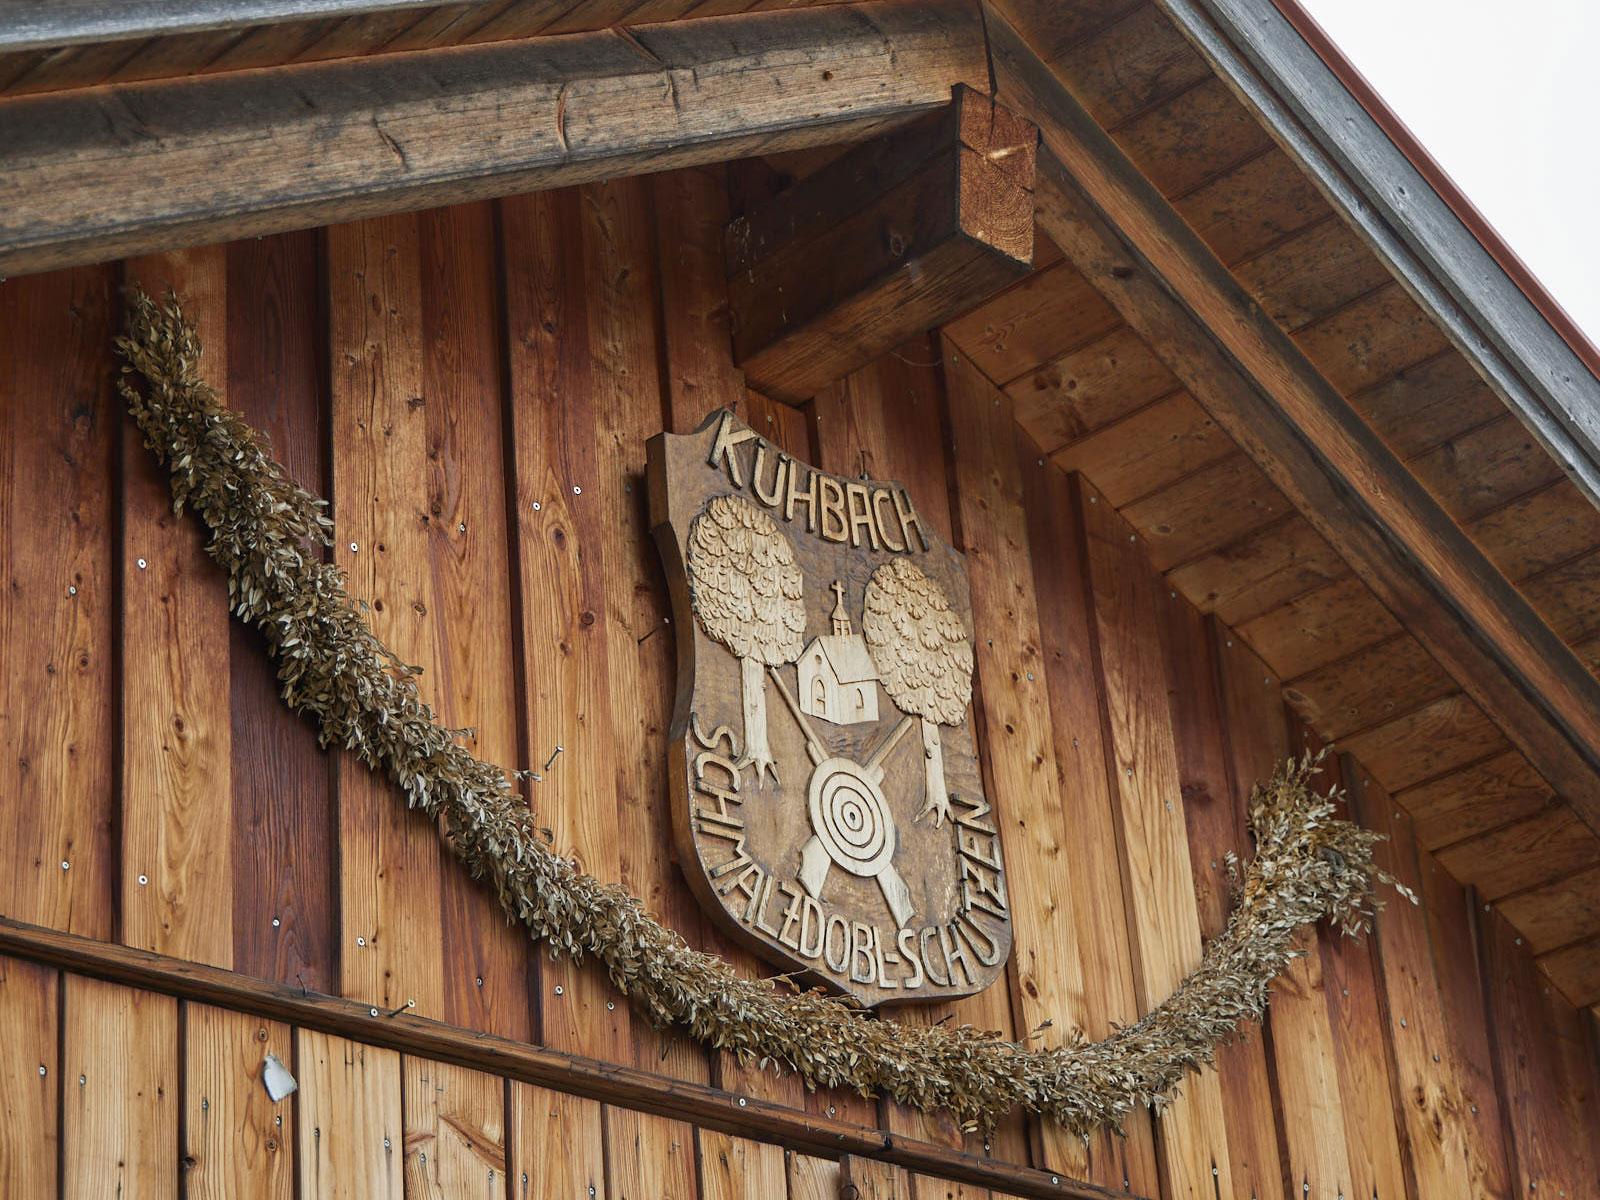 Holzbau Eiler Referenz Holzbau und Zimmerei